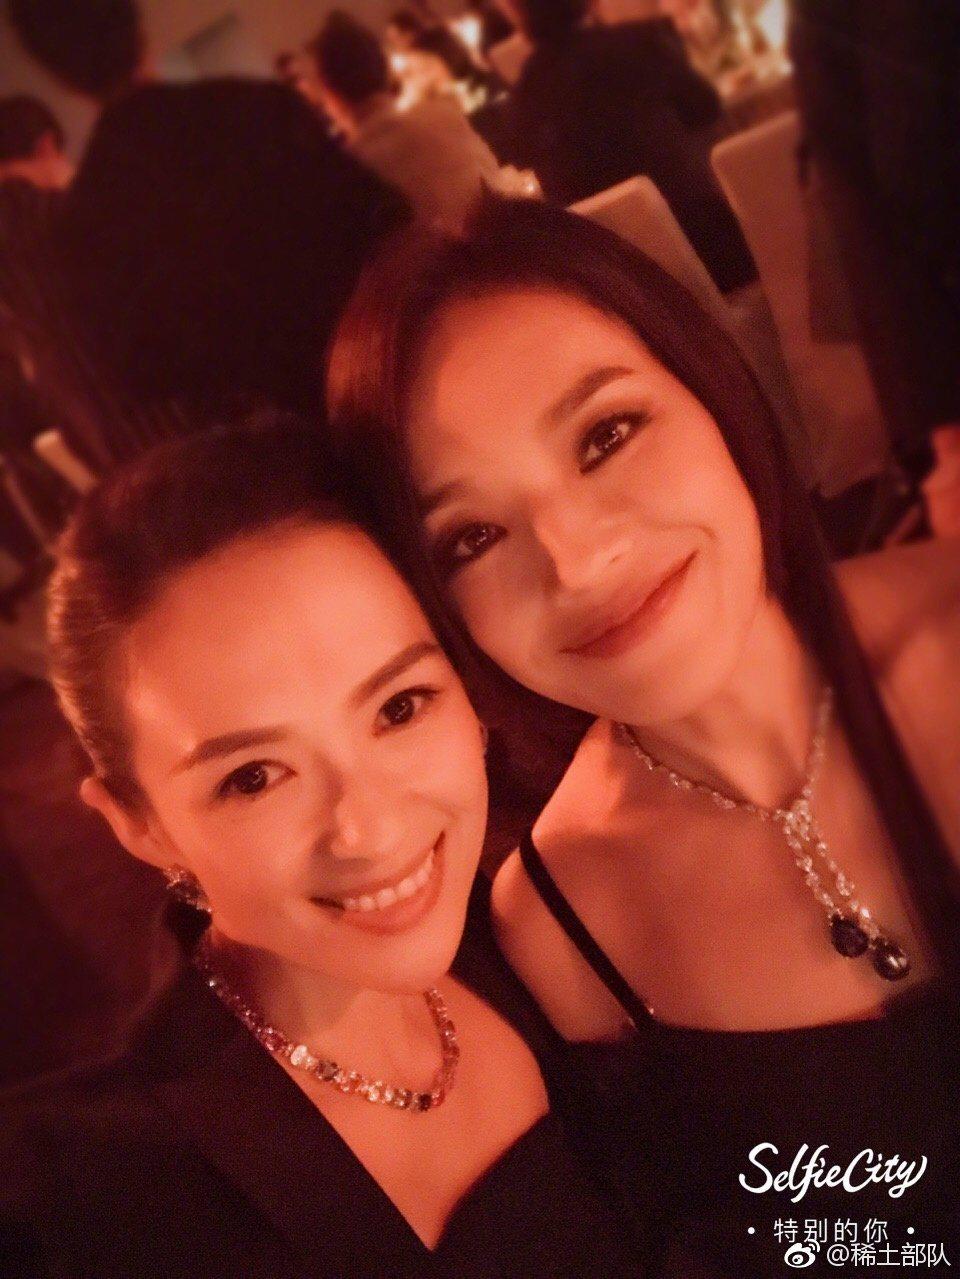 章子怡(左)與舒淇(右)是多年好友,微博貼合照宣告有望合作新片。圖/摘自微博